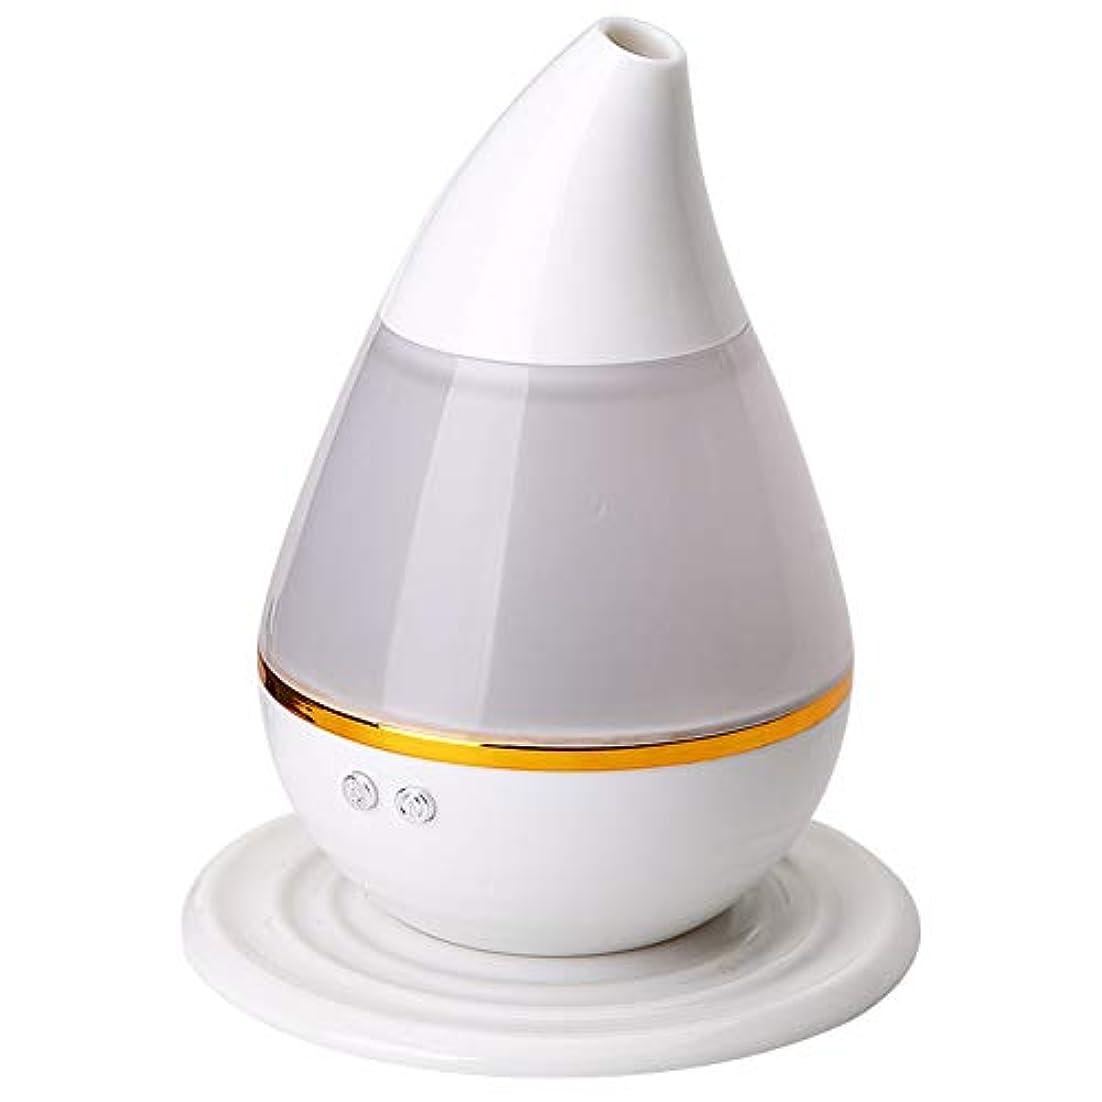 アドバイス適切な約束するエッセンシャル オイル ディフューザー, 涼しい霧の加湿器 7色LEDムードランプ そして 自動シャットオフ アロマディフューザー の ホーム オフィス Yoga 車-ホワイト 12x15cm